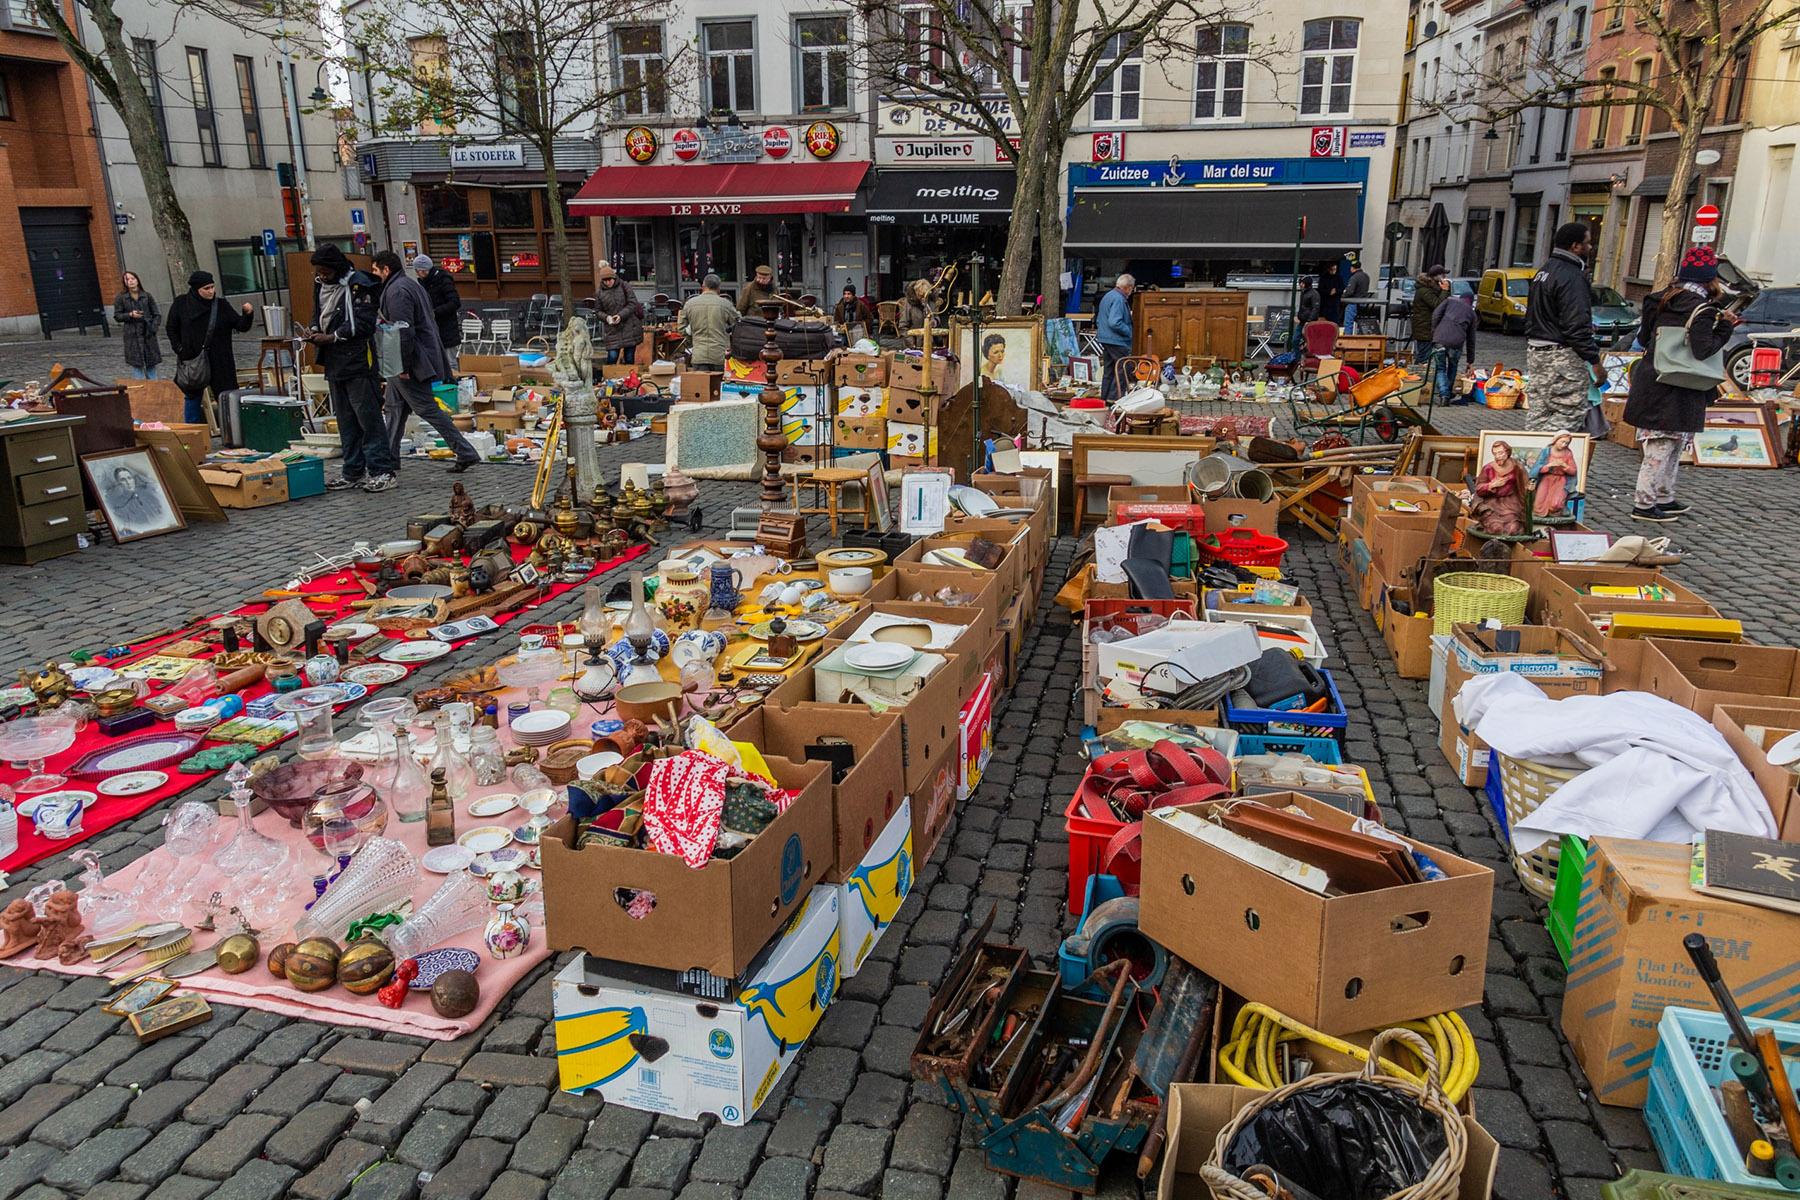 A flea market in Marolles, Brussels